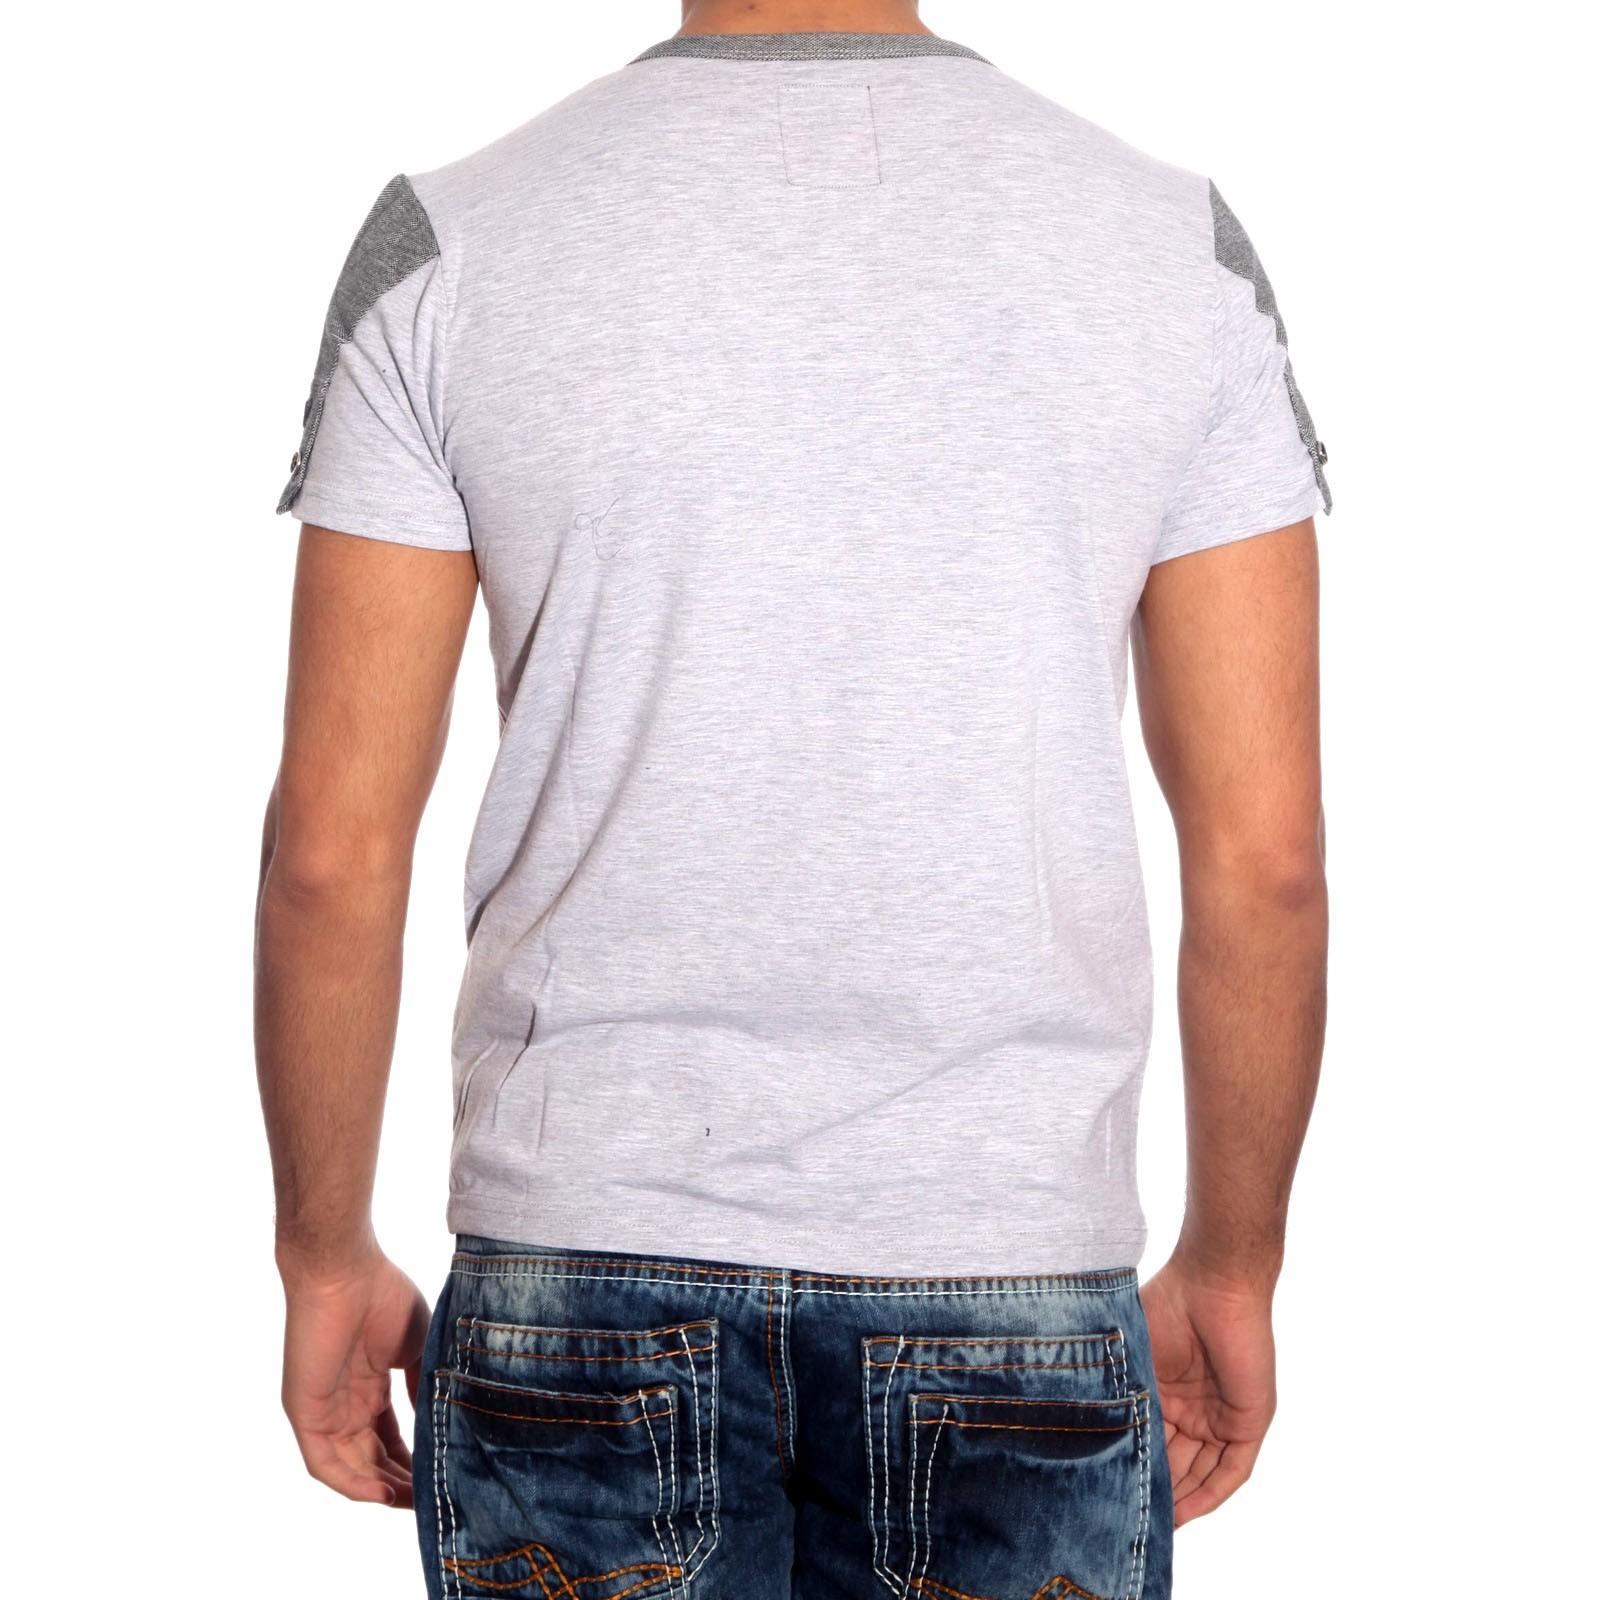 T-Shirt Weiss 6661 R-Neal